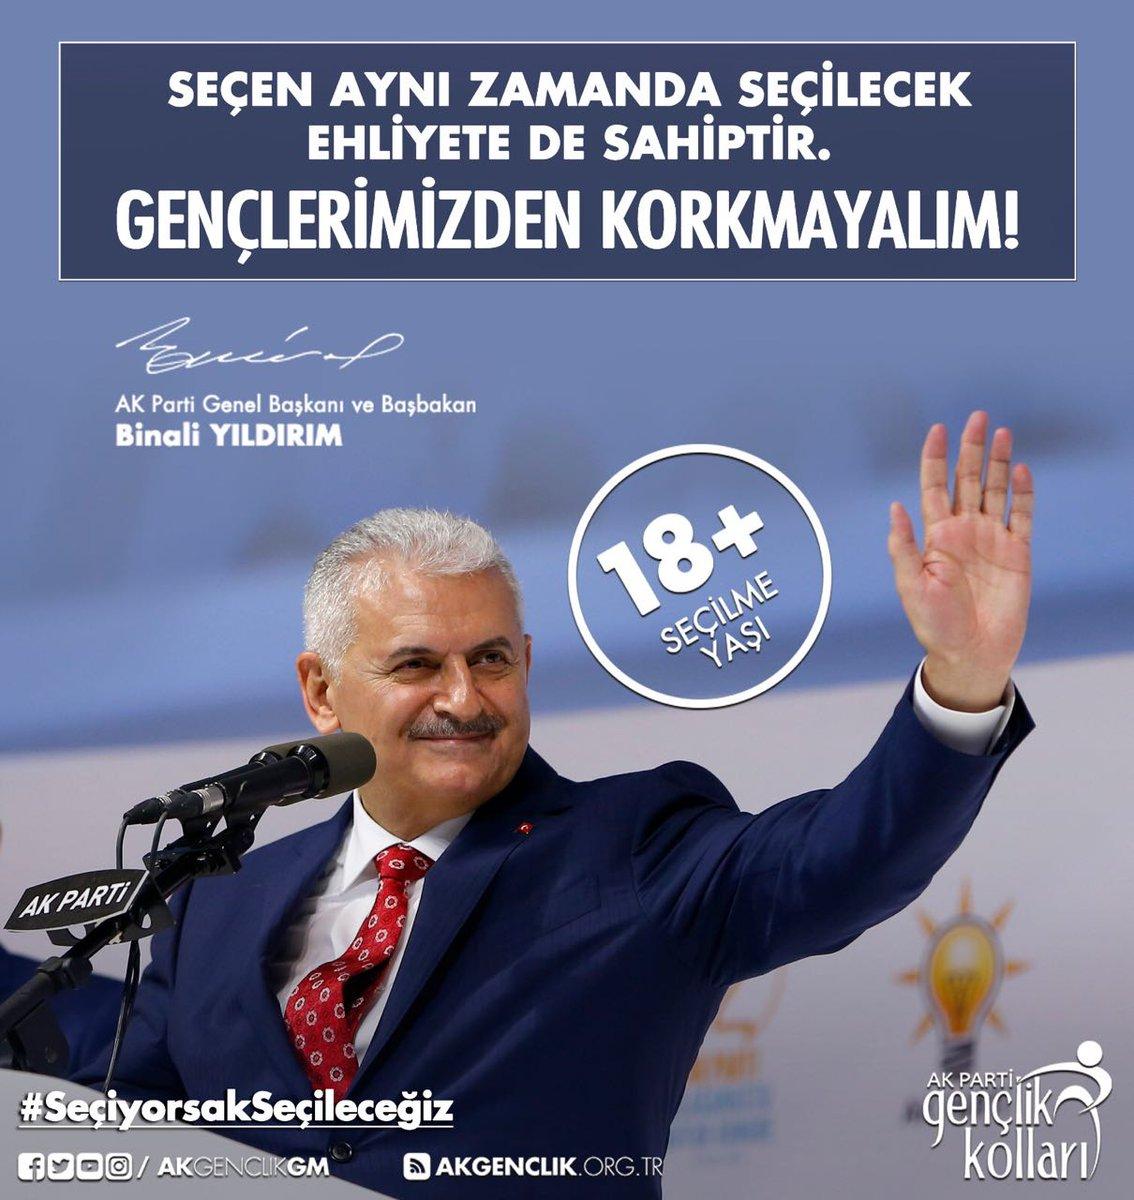 RT @AkKadnBevler: #SeçiyorsakSeçileceğiz.@AKKADINGM @Akkadinistanbul https://t.co/MSCVCO36Iy